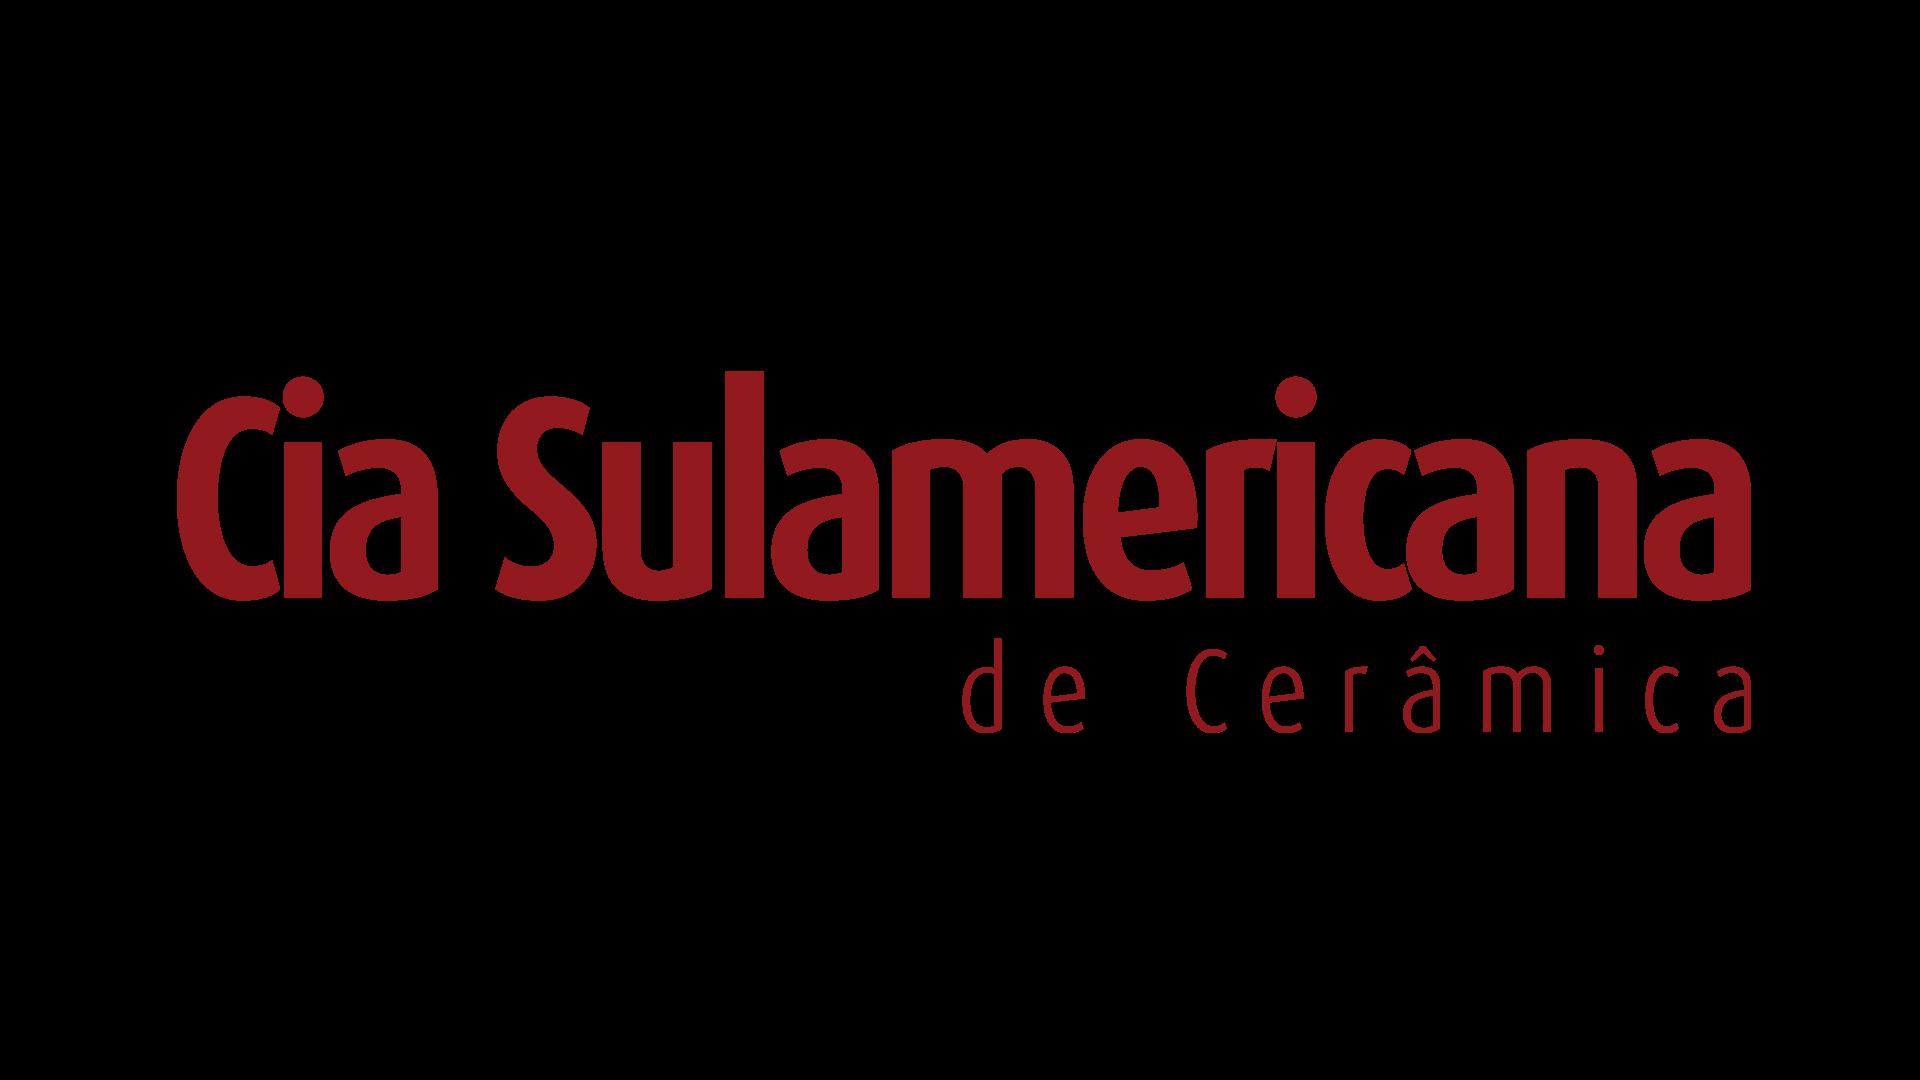 Cia Sulamericana